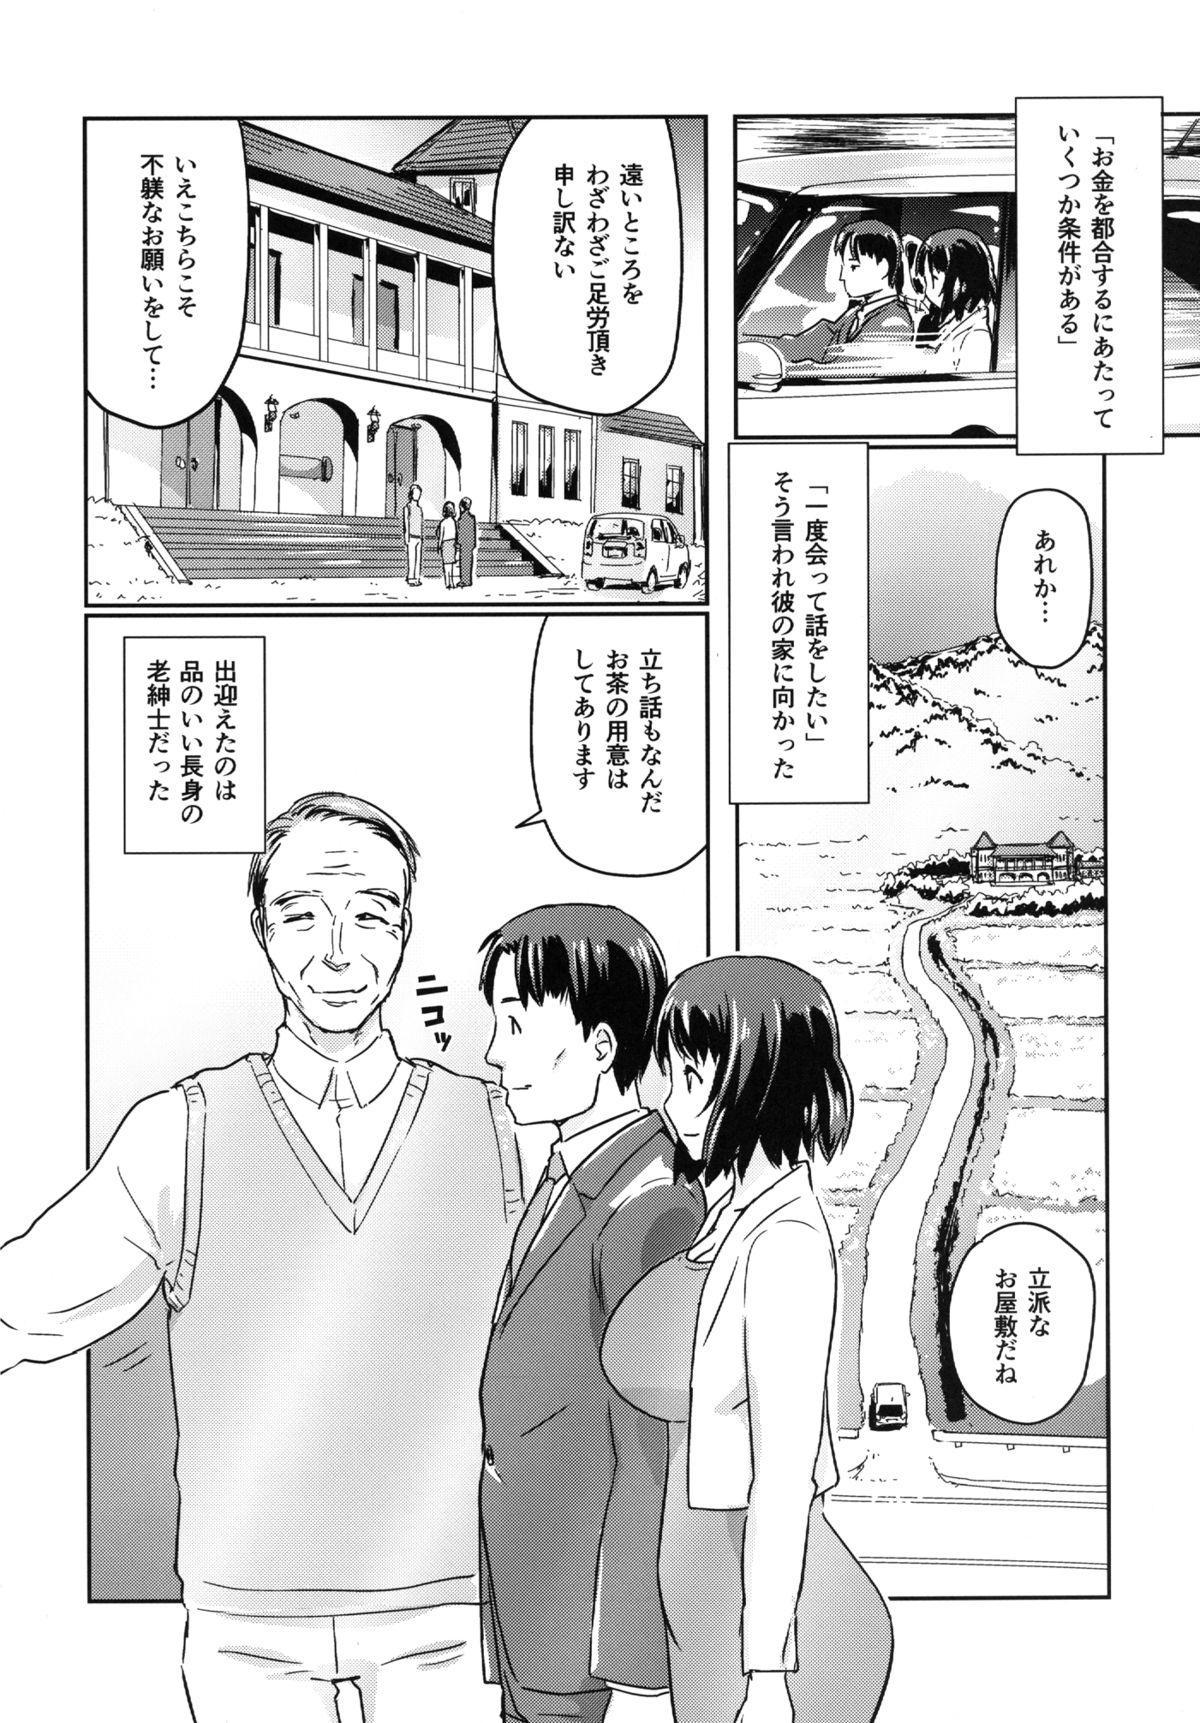 Hitozuma Kari - Kousoku Zecchou Sundome Game Nanbyou no Wagako no Chiryouhi no Tame Sono Mi wo Sashidasu Tsuma 14